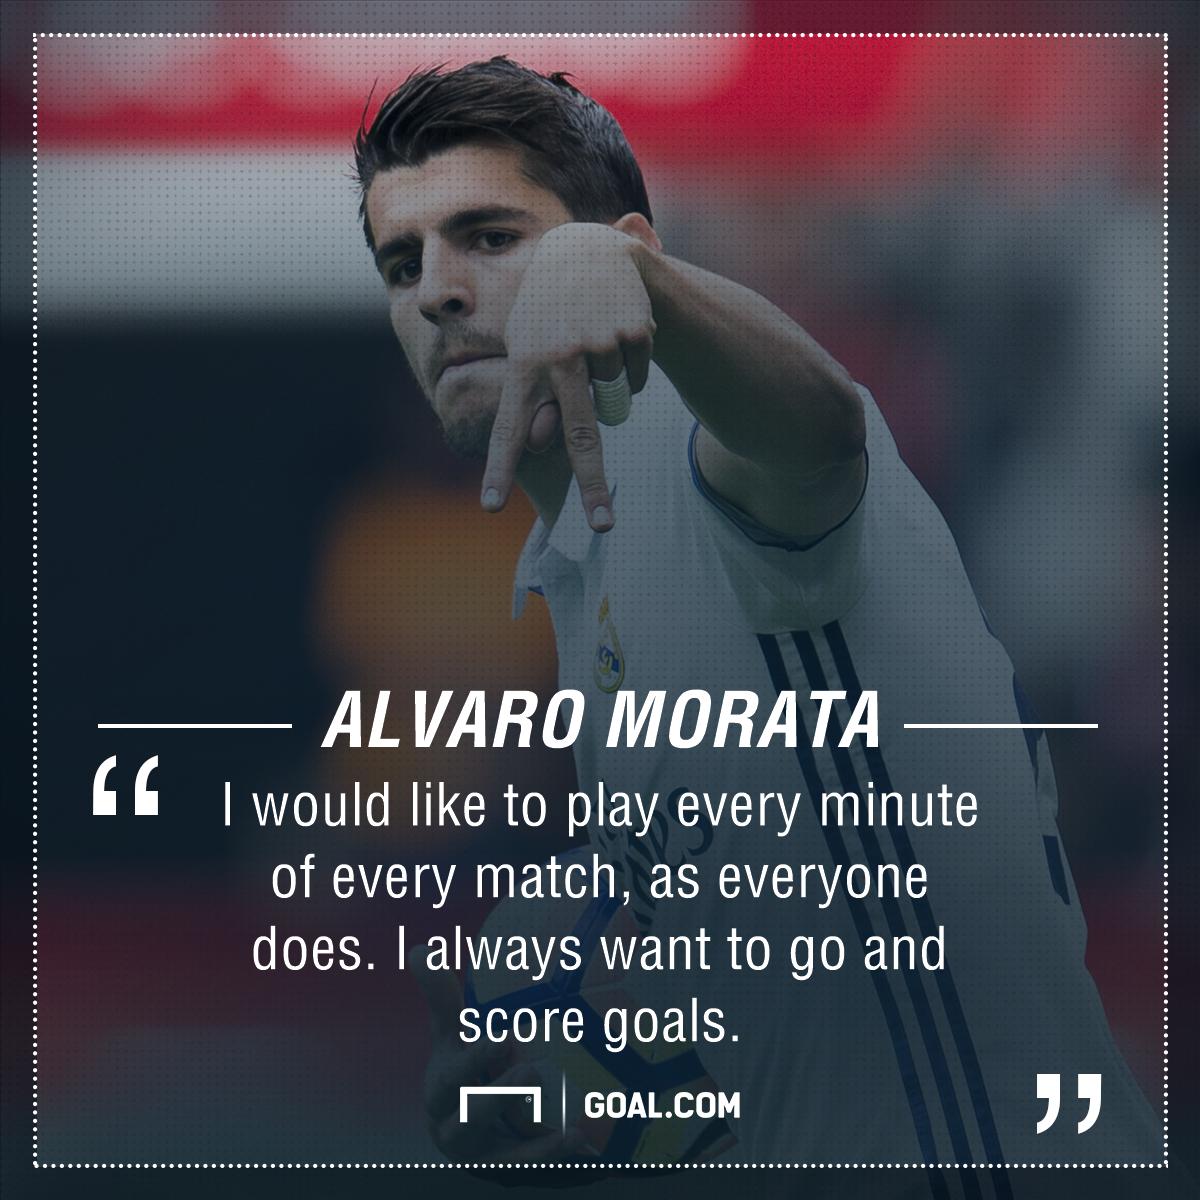 Alvaro Morata goals game time